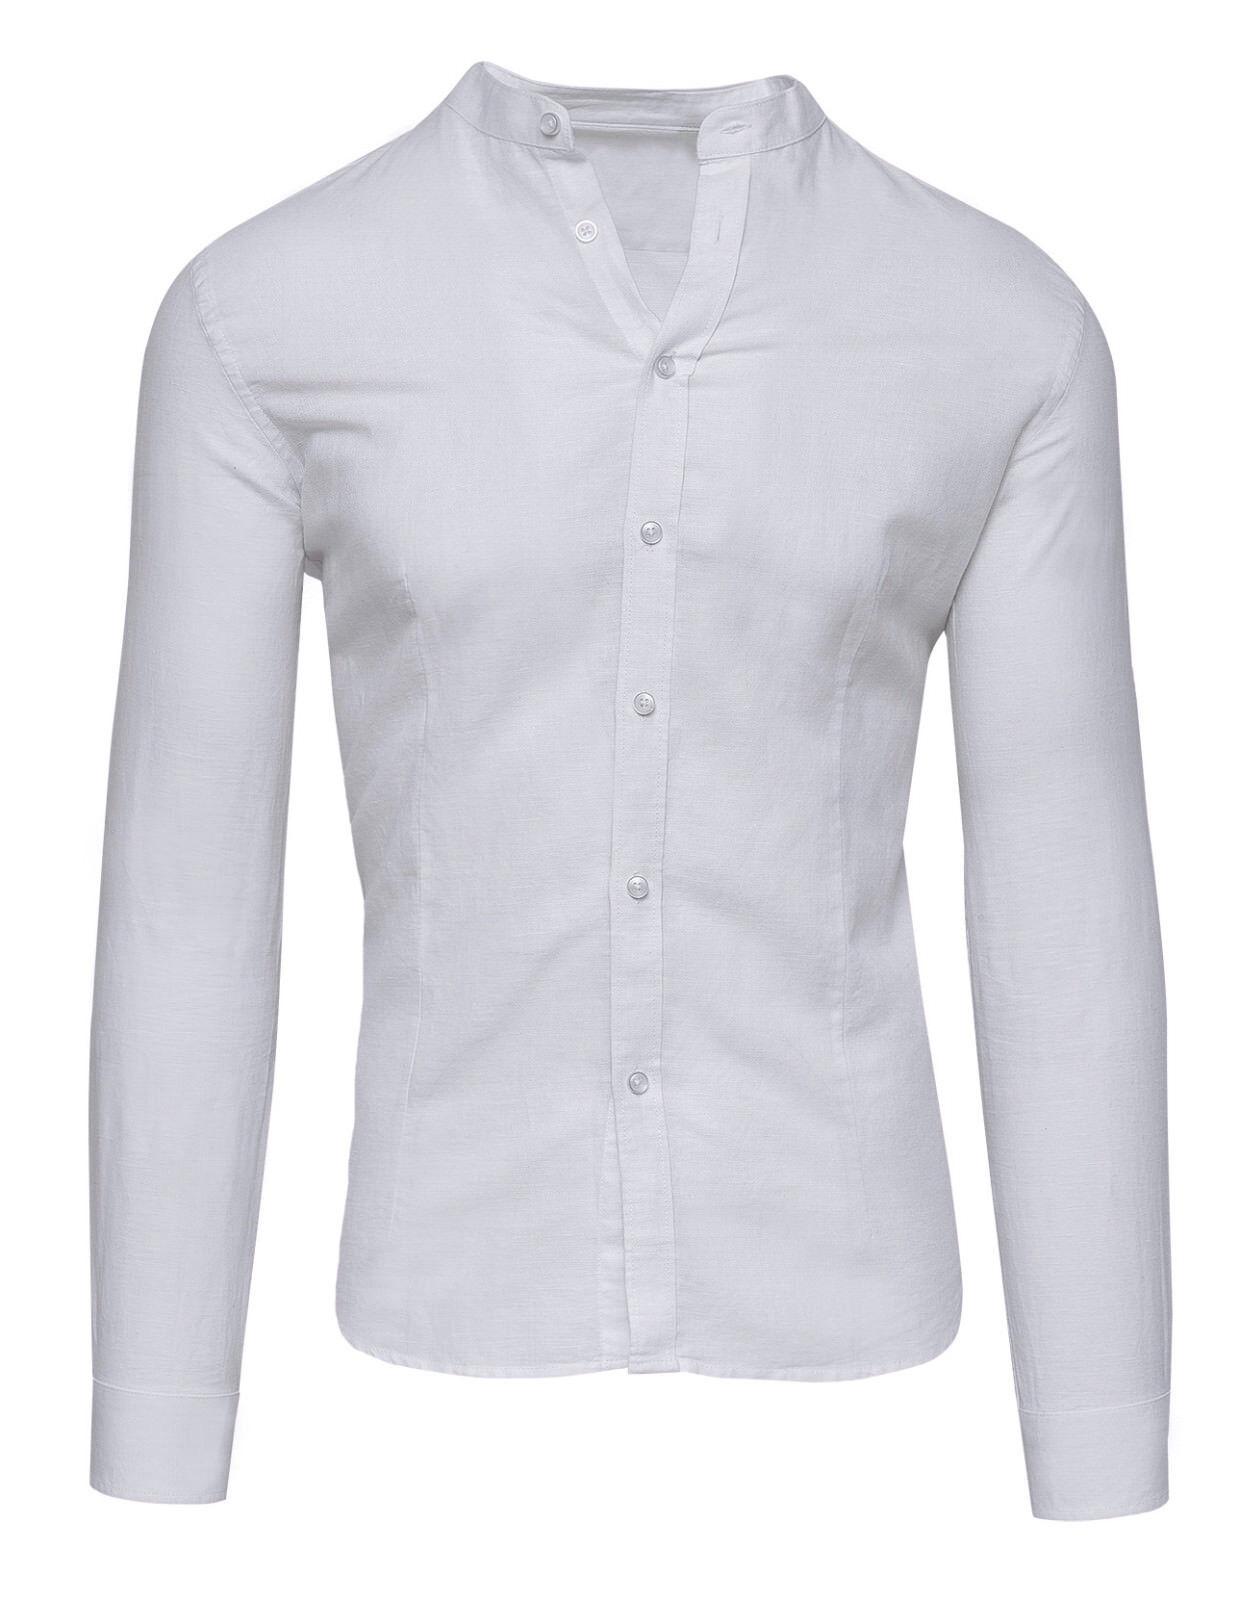 Herrenhemd sartoriale aus Leinen weiß weiß weiß Sommer slim fit angepasst Tag s m l xl xxl | eine breite Palette von Produkten  | Vollständige Spezifikation  aa1f56